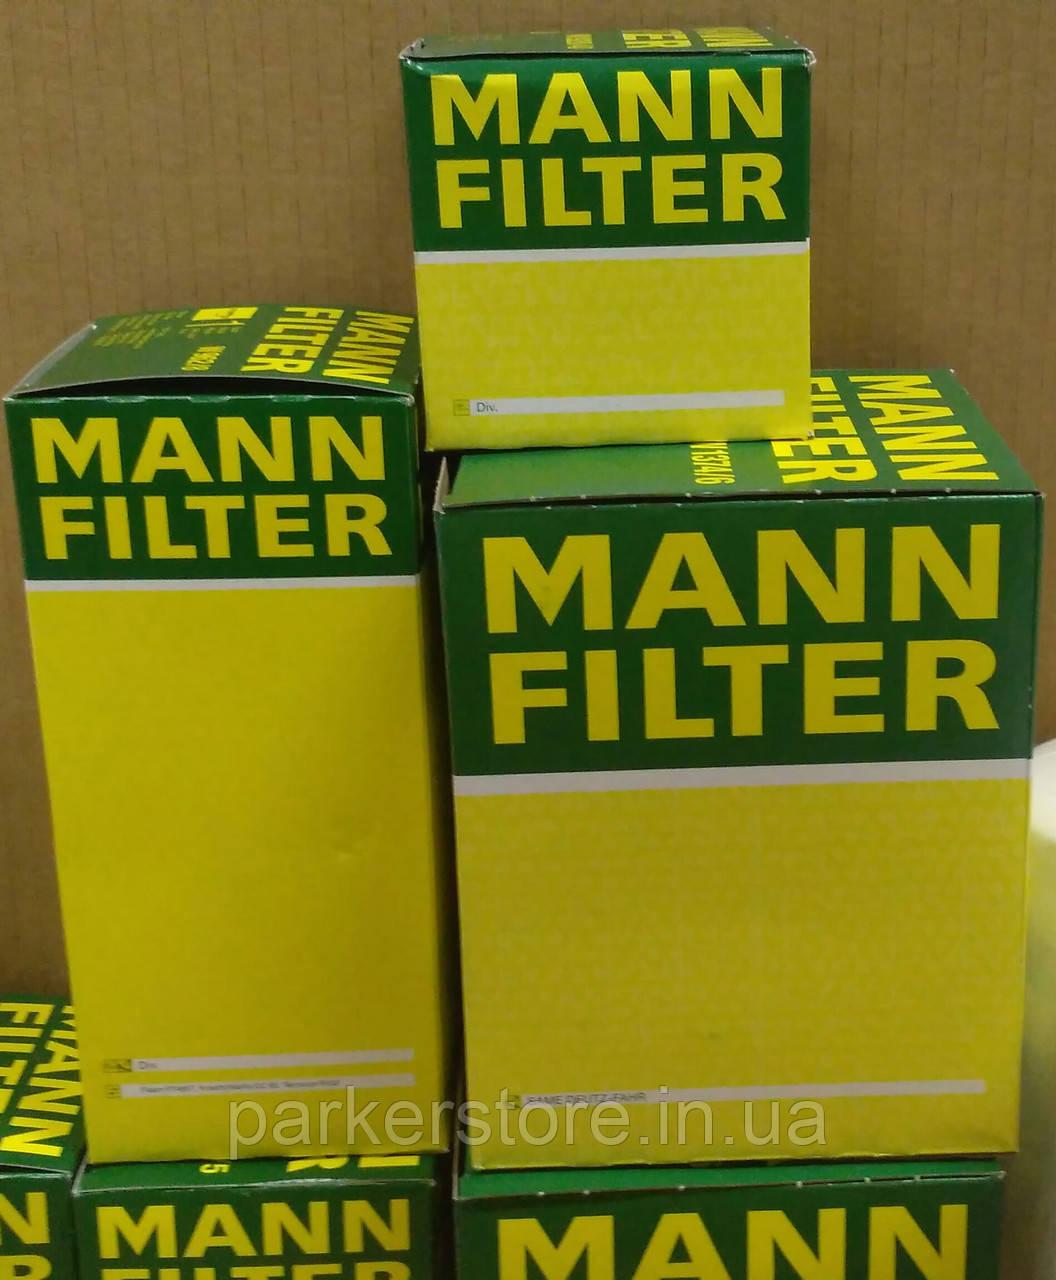 MANN FILTER / Повітряний фільтр / C 30 153/2 / C30153/2